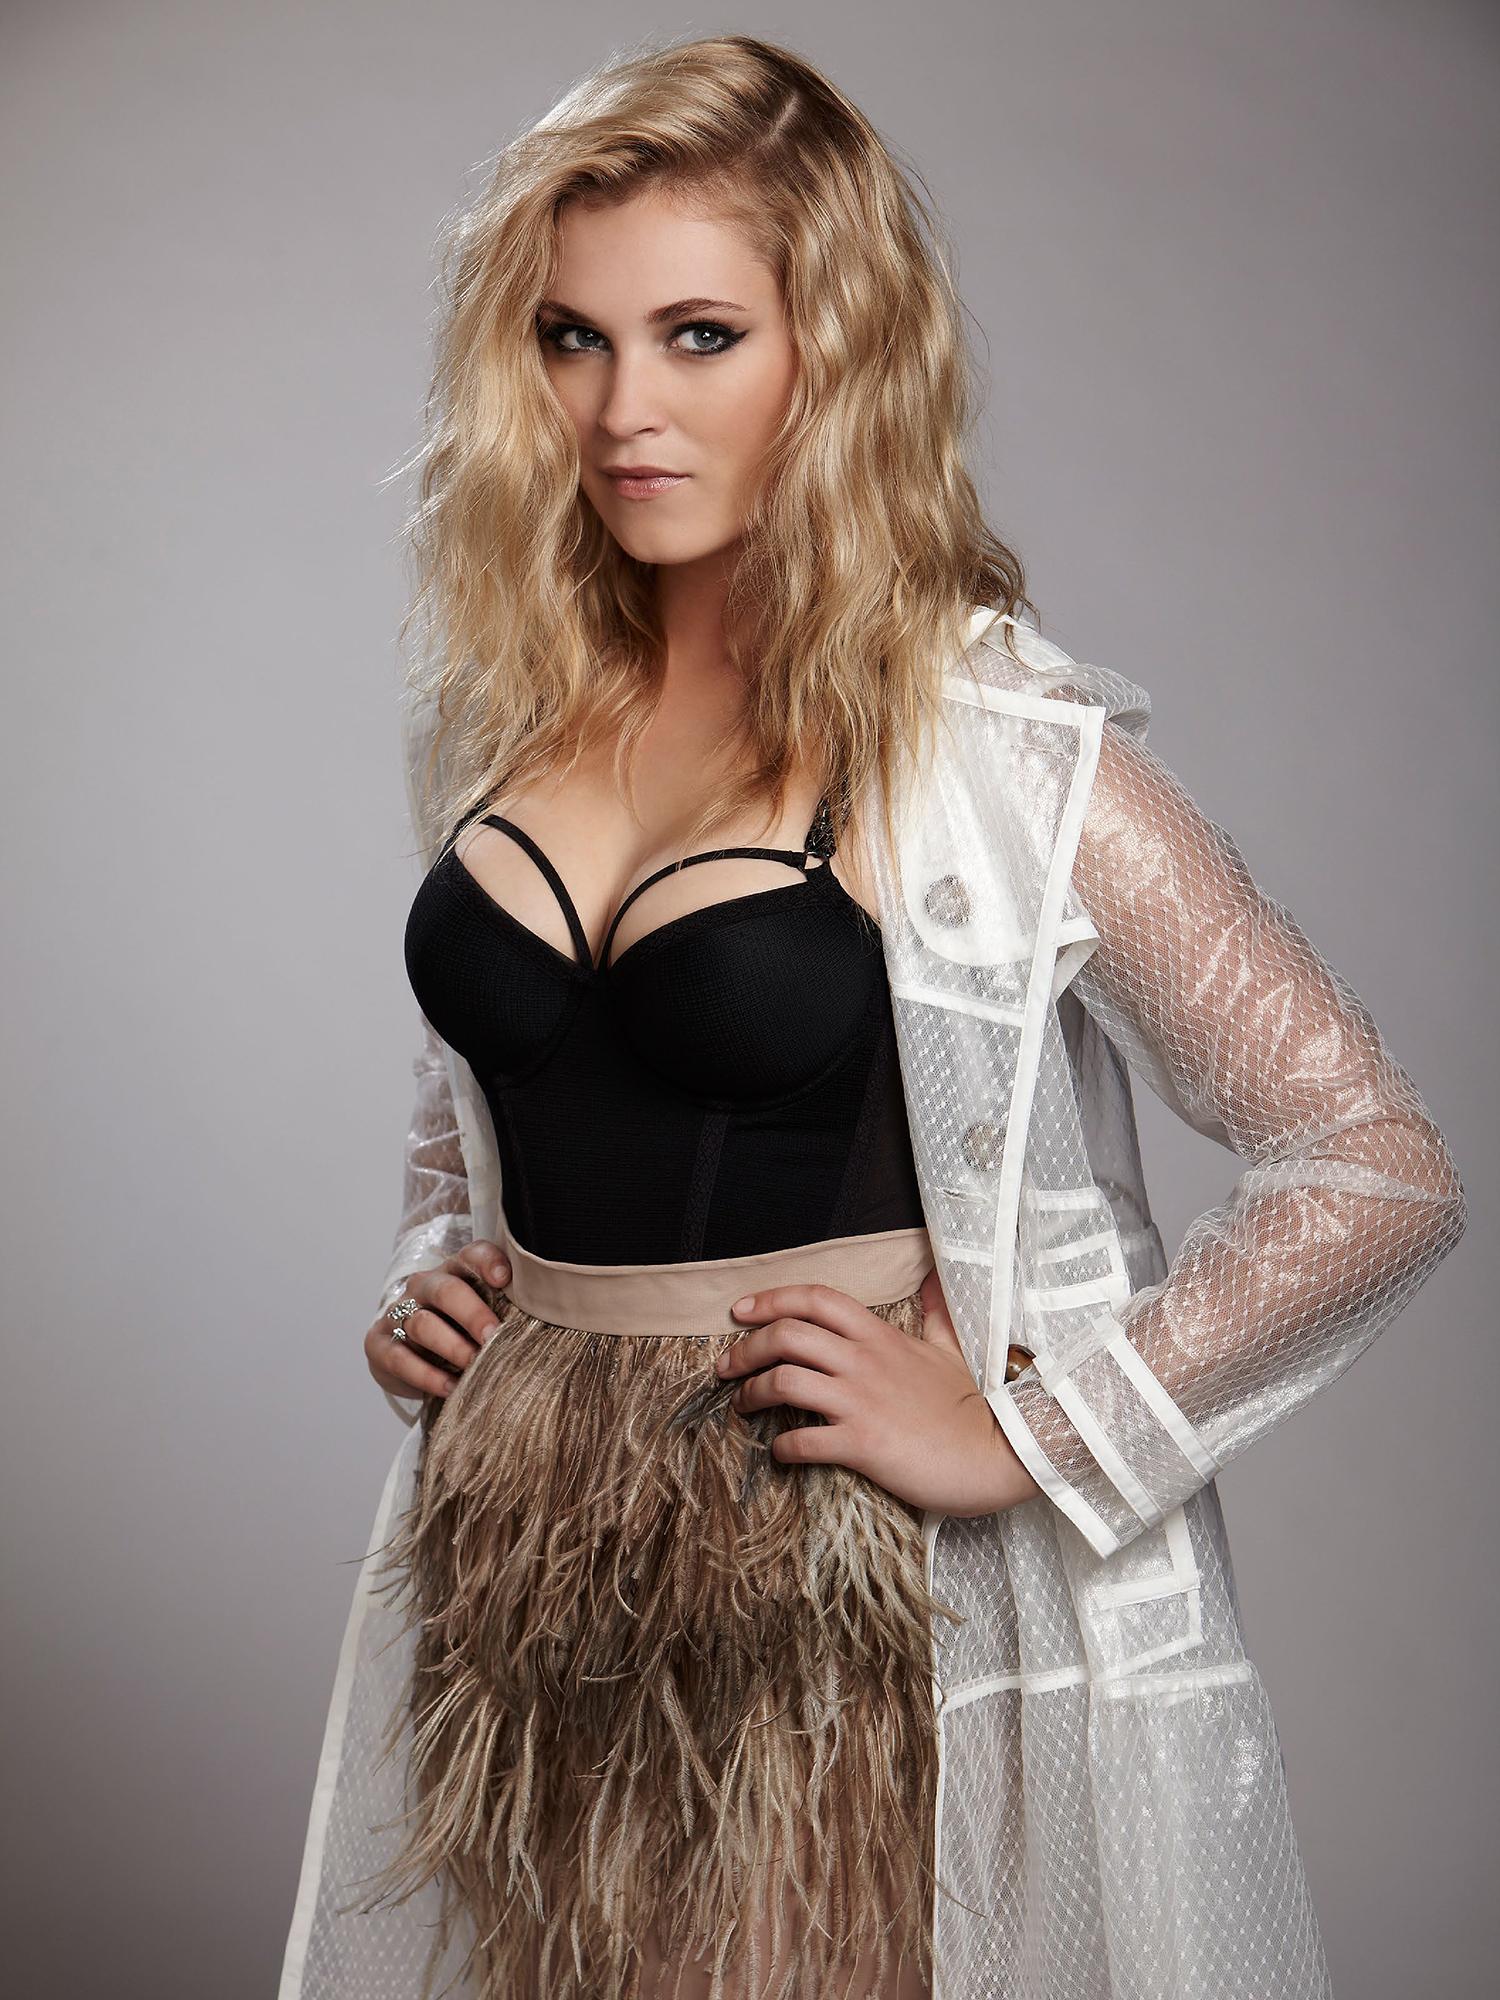 Eliza jane taylor-cotter bikini